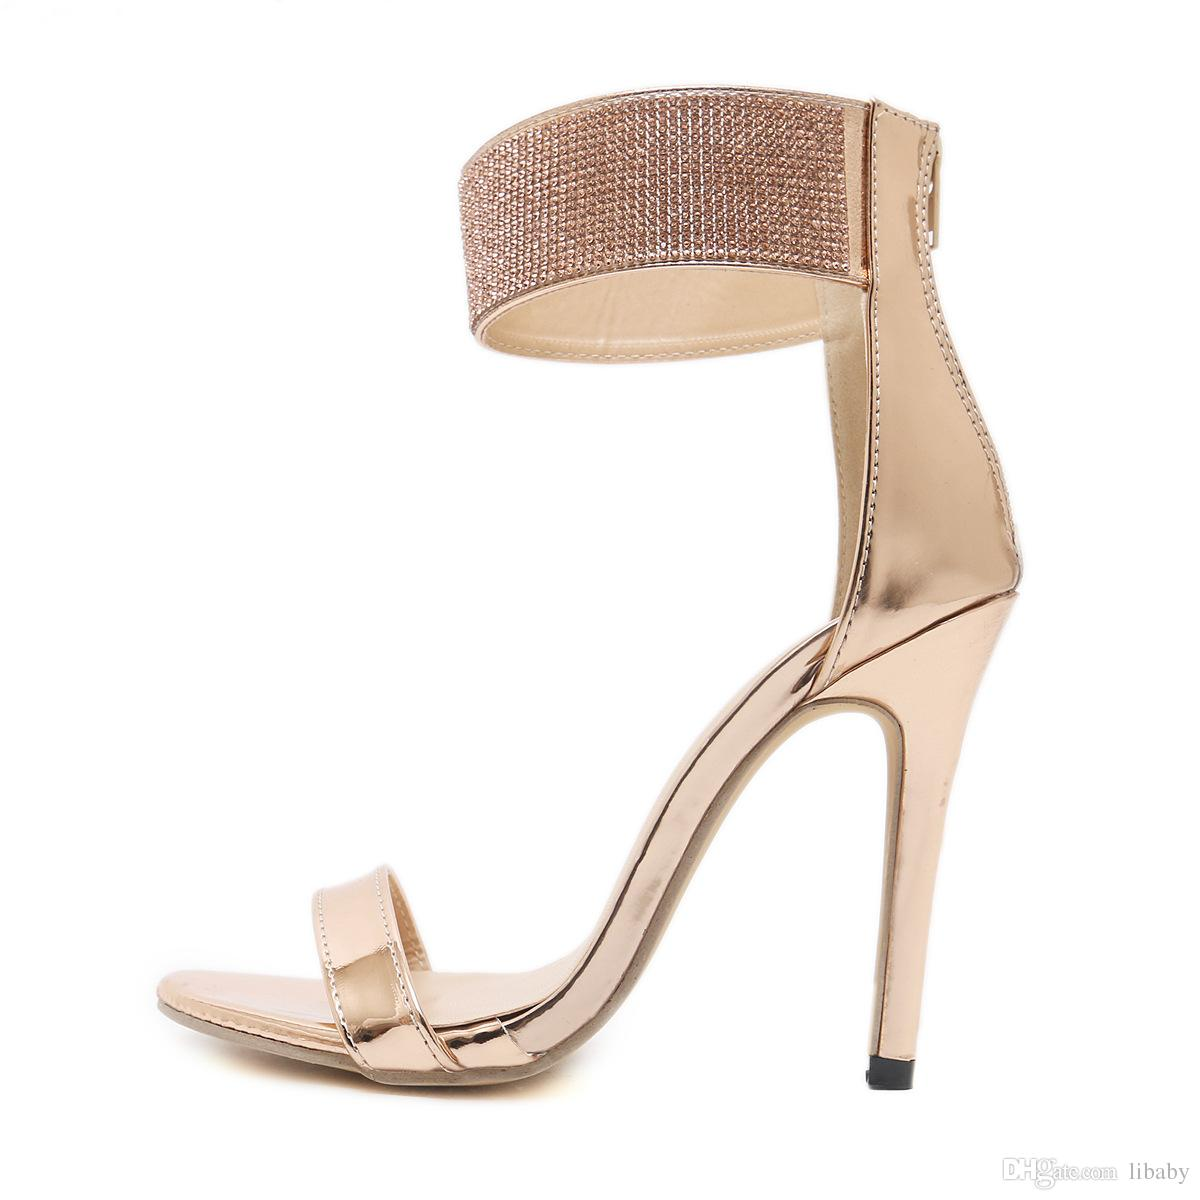 Acheter Talons Chaussures Sandales À Bohemia Femmes Pour 5cm 11 g67vYfyIb